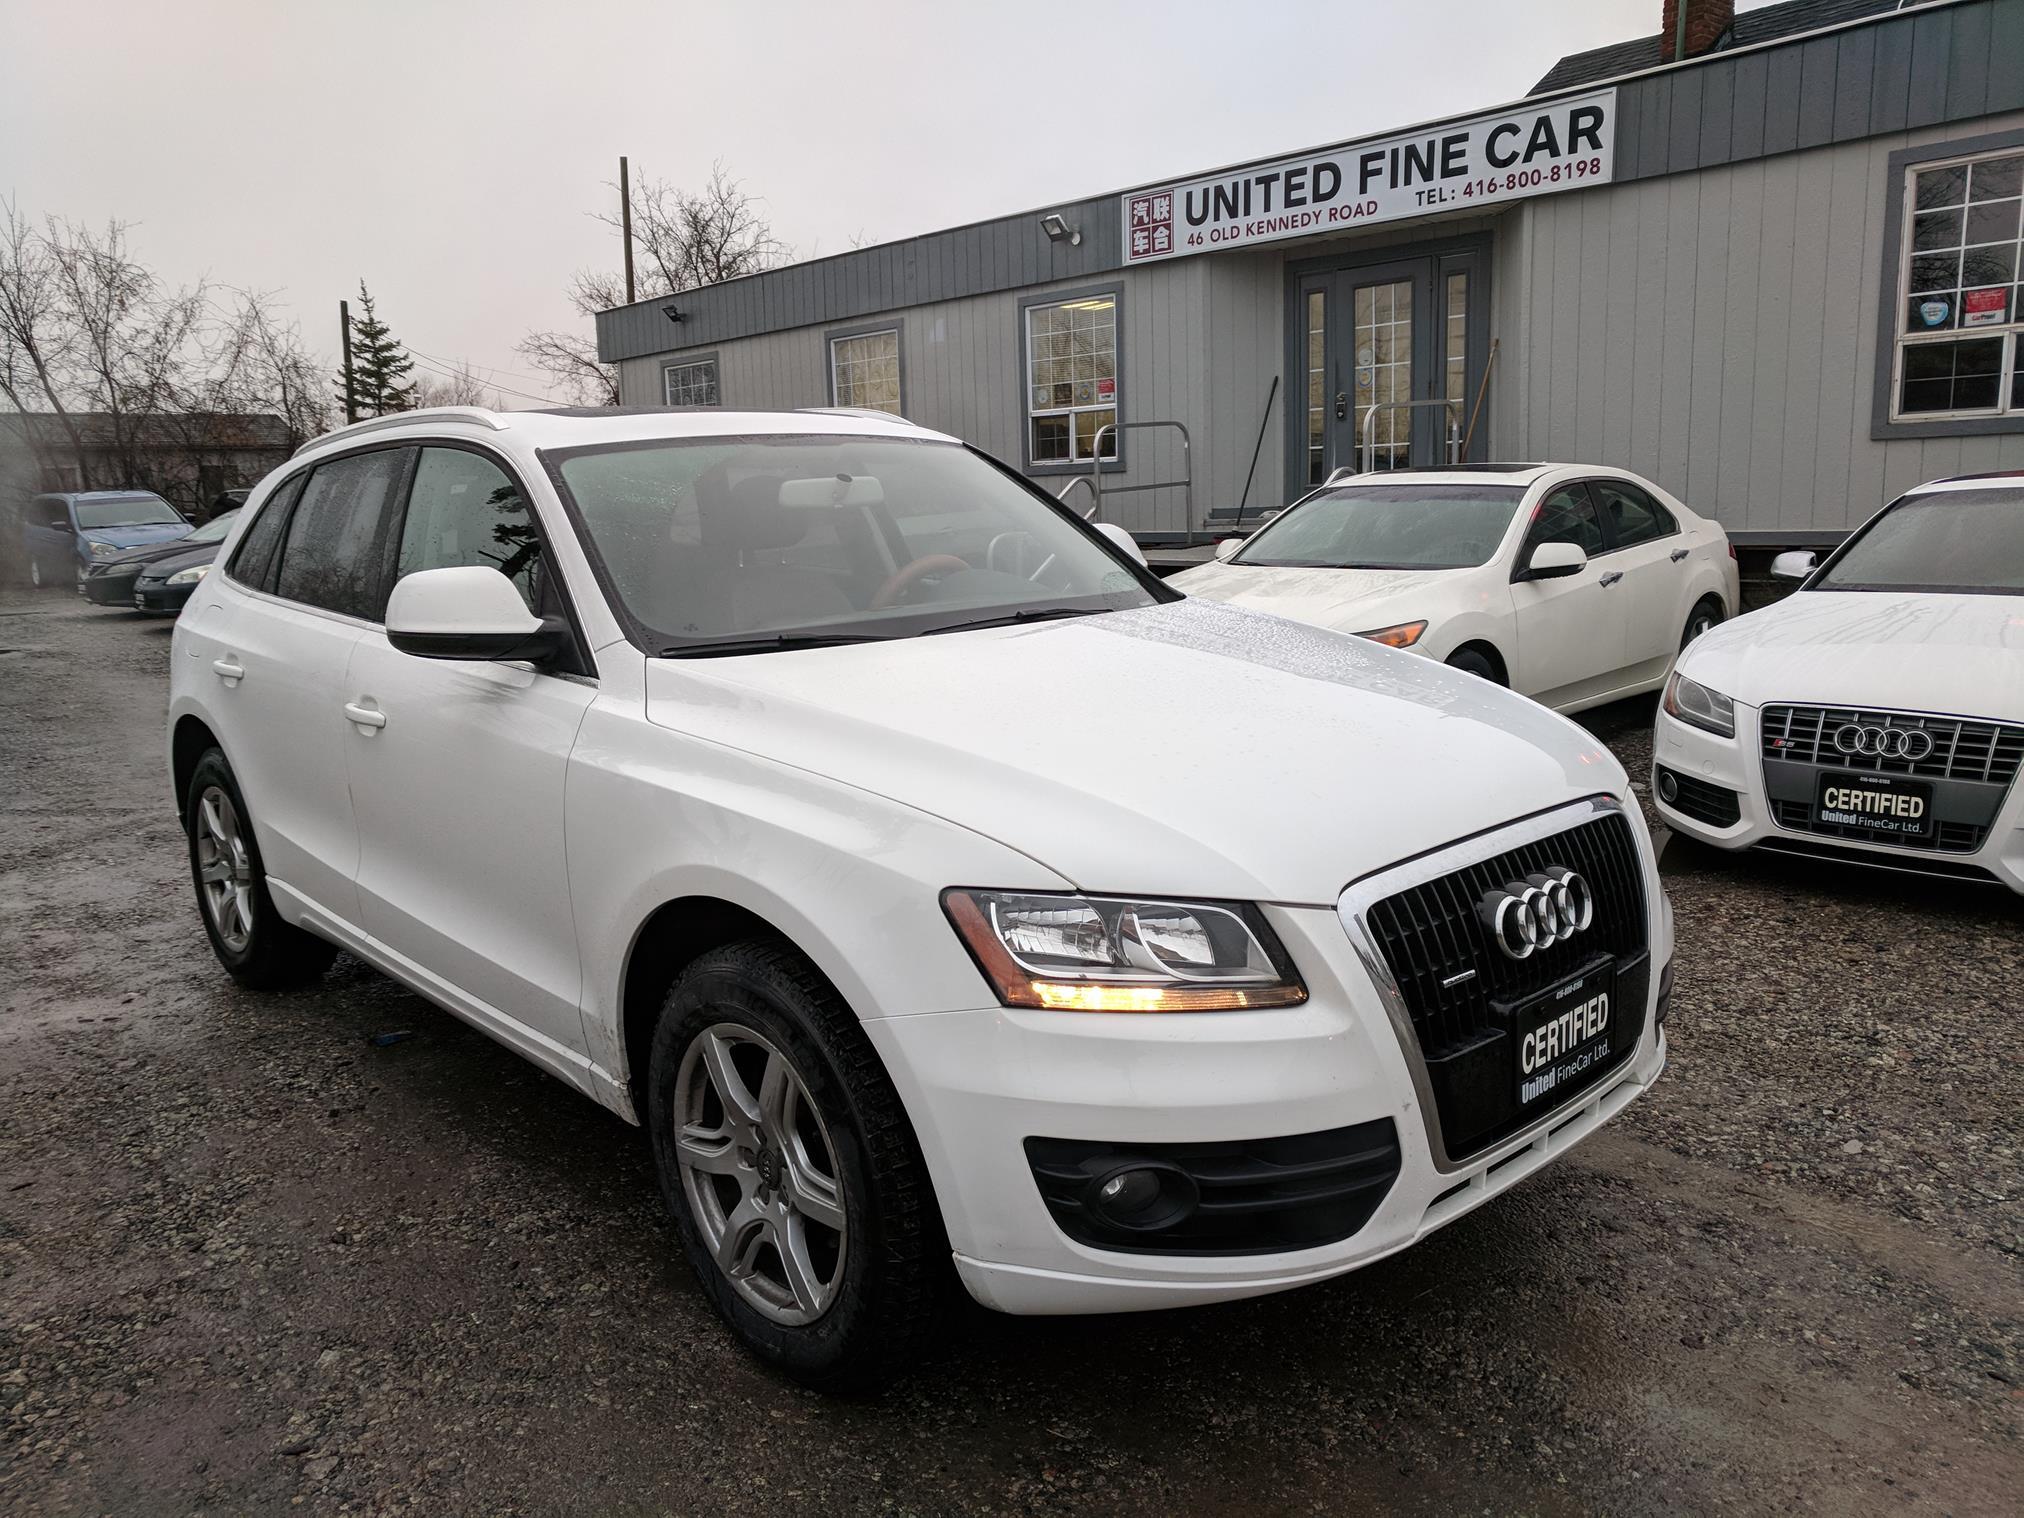 AUDI Q QUATTRO WHITE United Fine Car Ltd - Audi car loan calculator